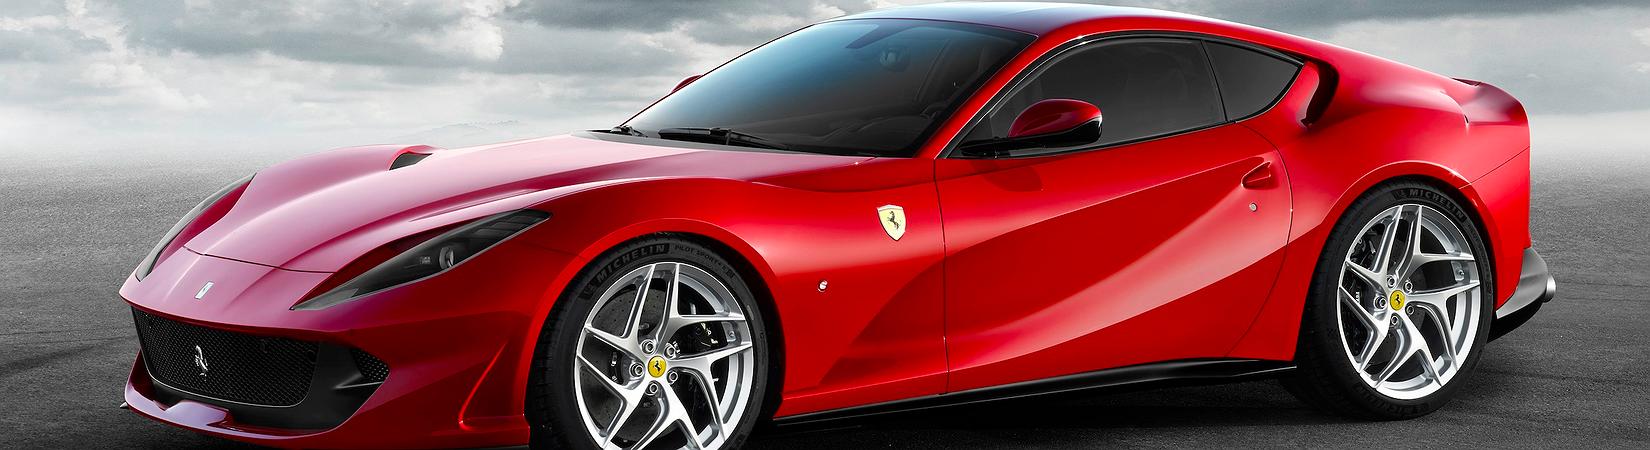 أسرع سيارة فيراري في التاريخ